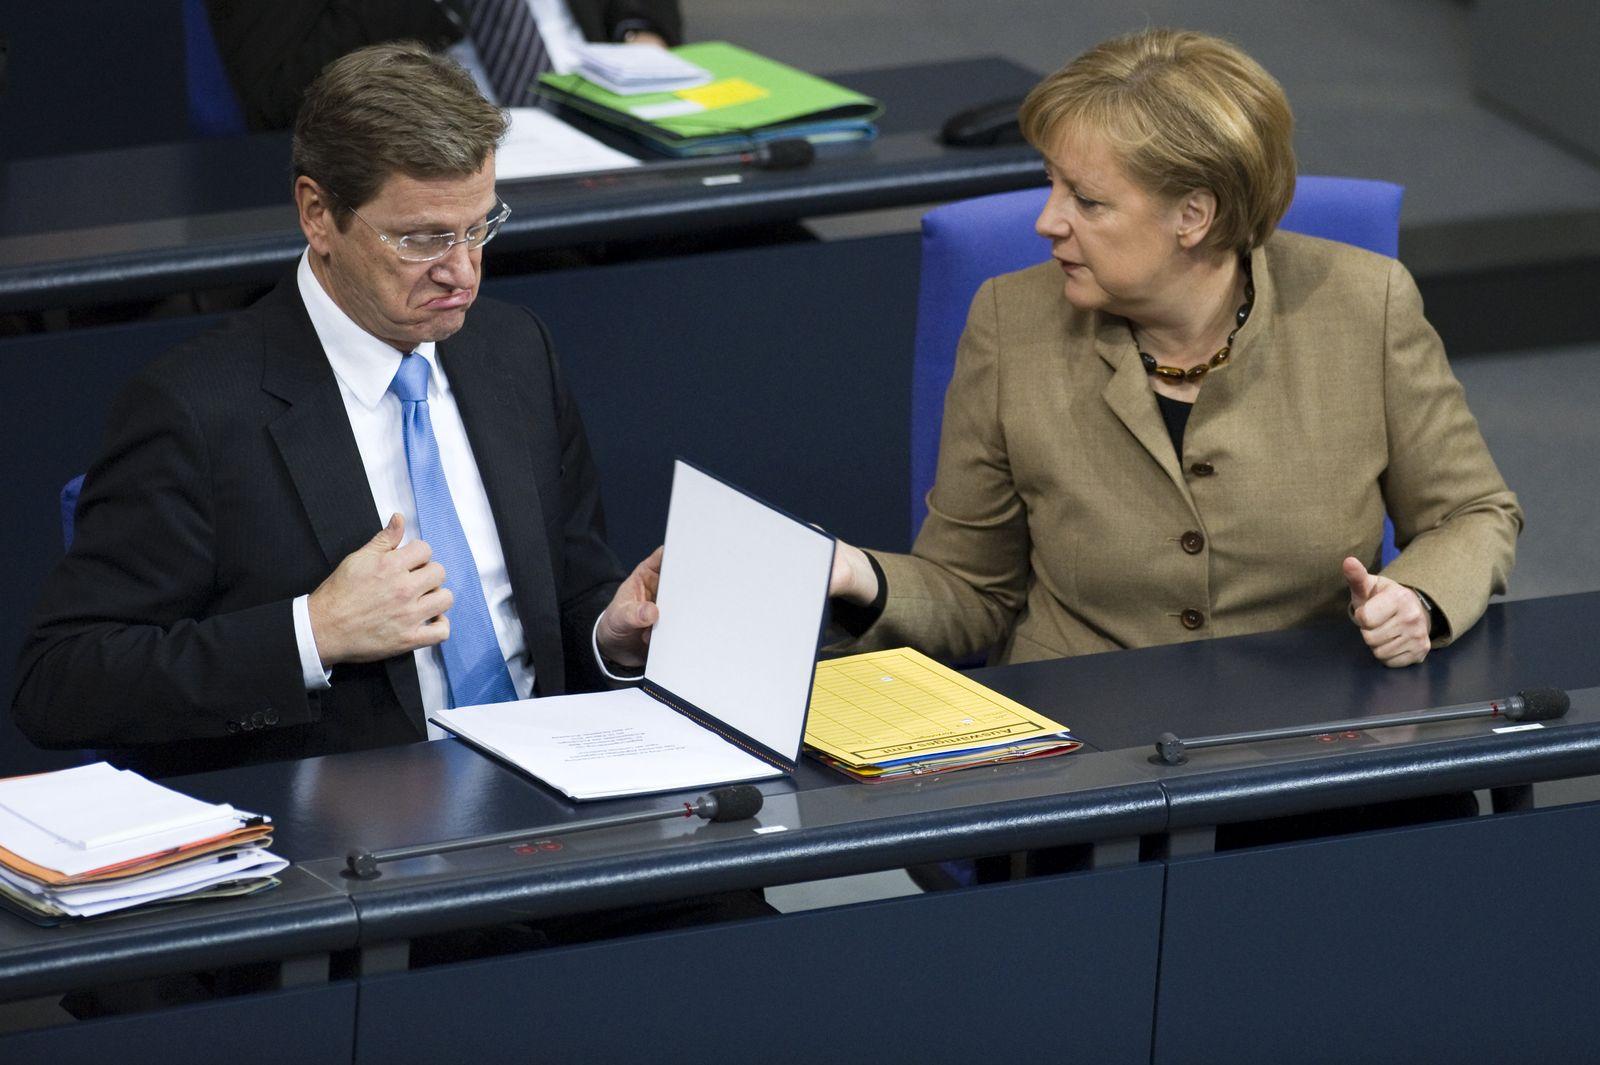 Angela Merkel / Guido Westerwelle